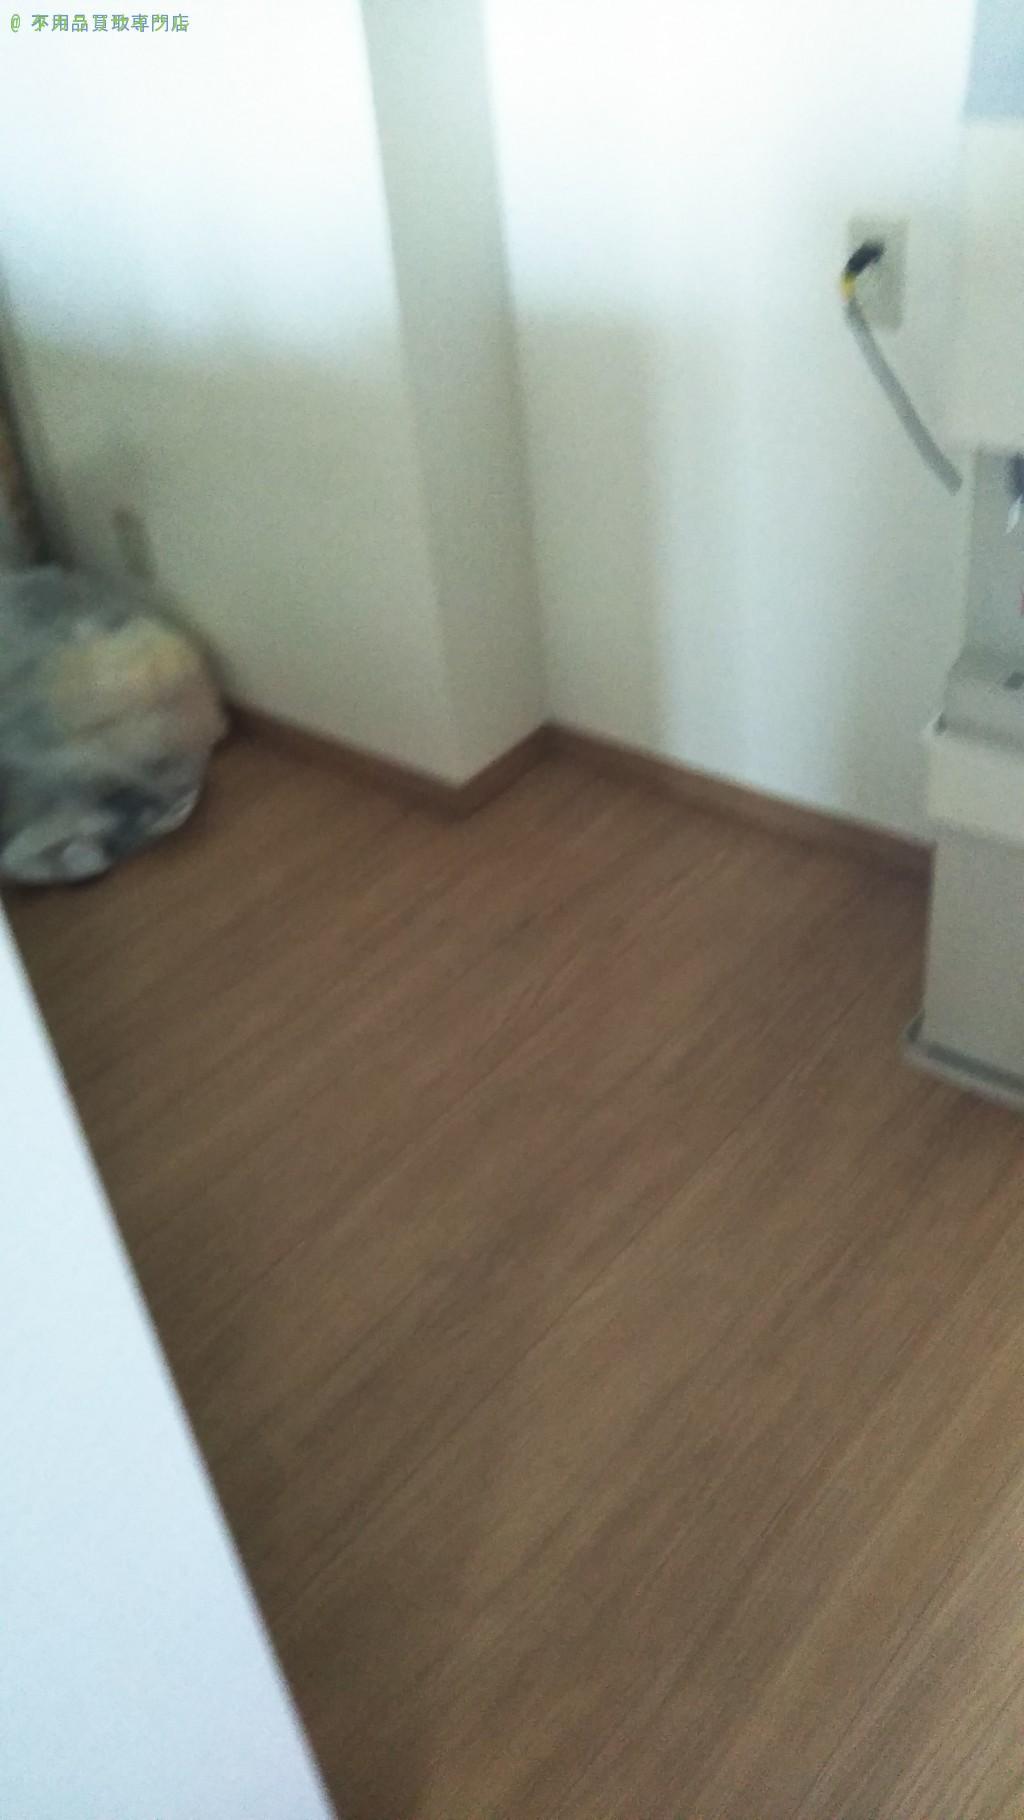 【徳島市】冷蔵庫・ソファほか家具家電の買取・回収のご依頼者さま